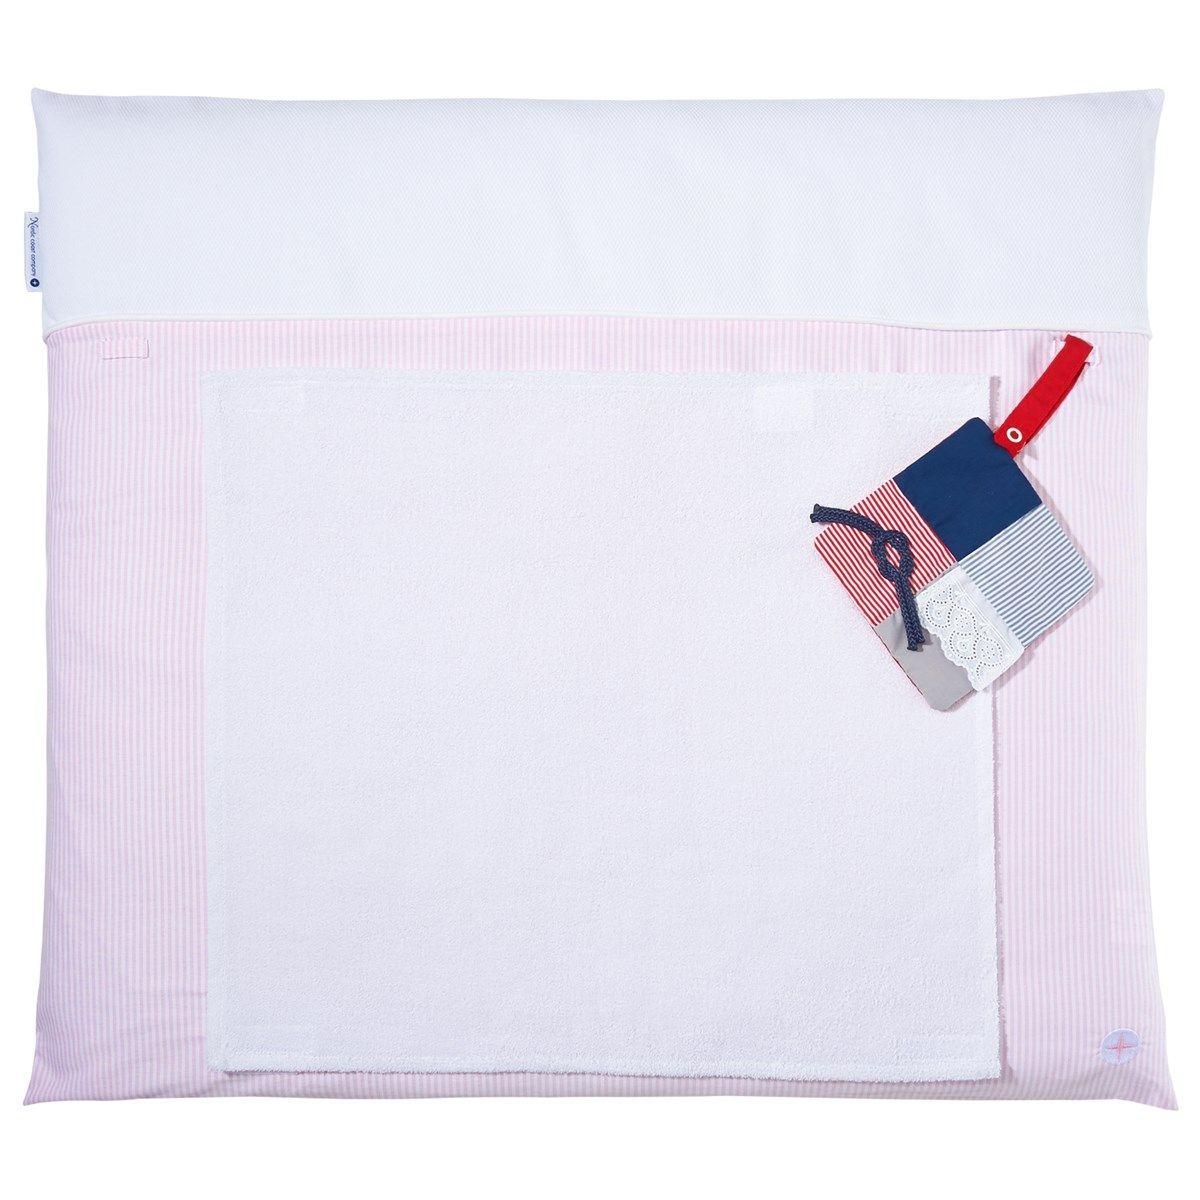 Matelas à langer 70x80cm lavable tissu en rose avec serviette imperméable